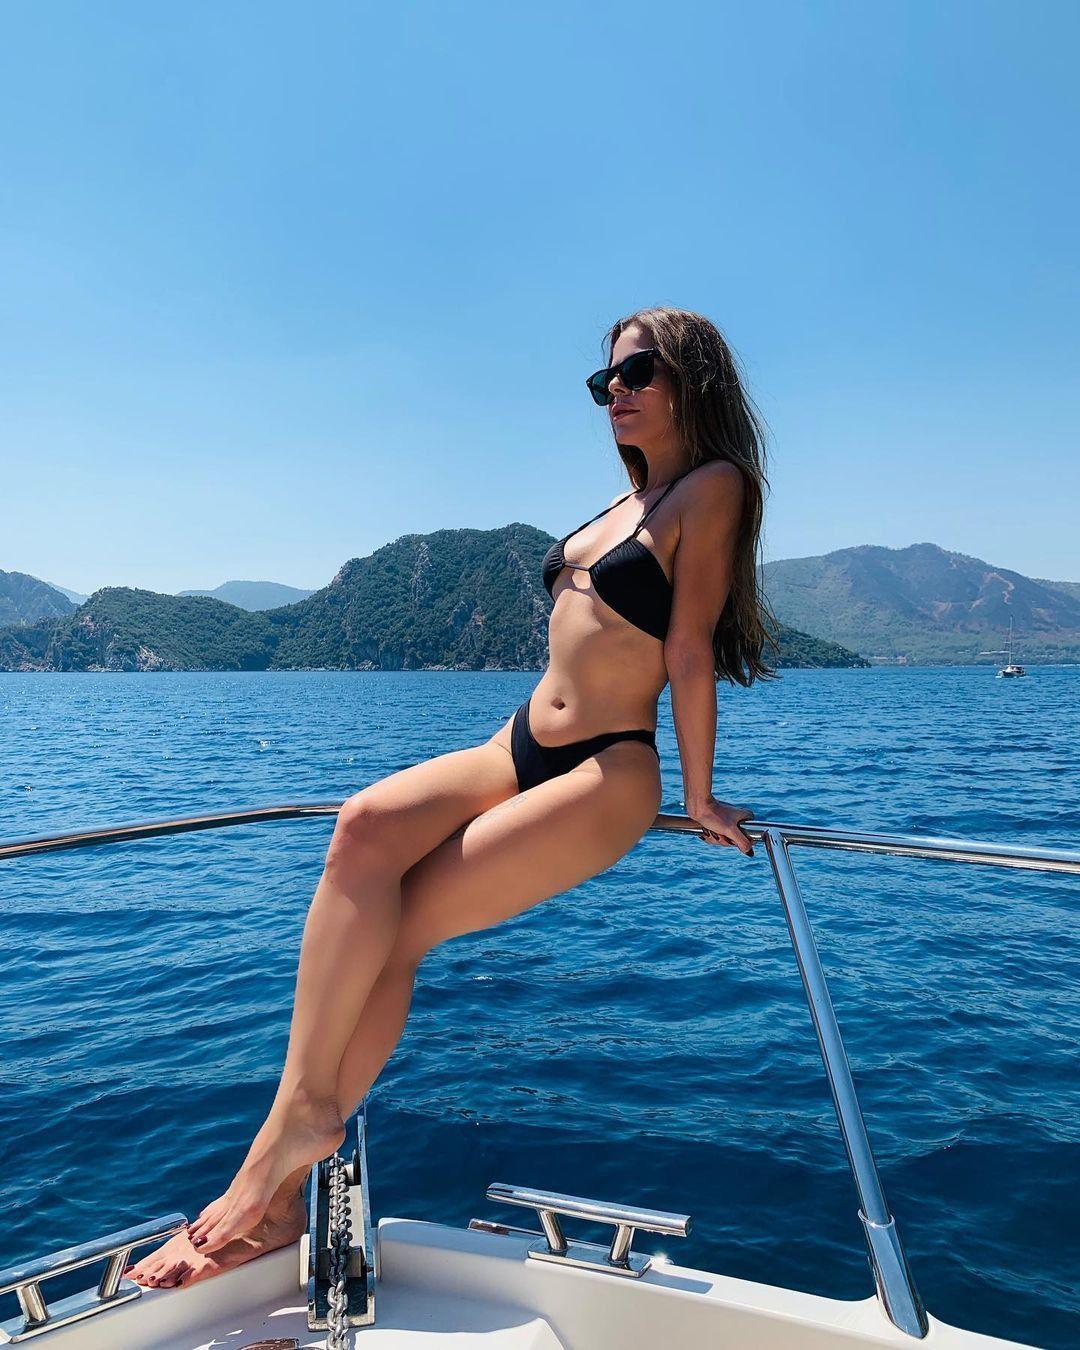 Miş Miş, Öpücam, As Bayrakları gibi hit şarkılar yapan Simge Sağın'ın tekneden paylaştığı fotoğrafları beğeni rekoru kırdı. - Sayfa:3